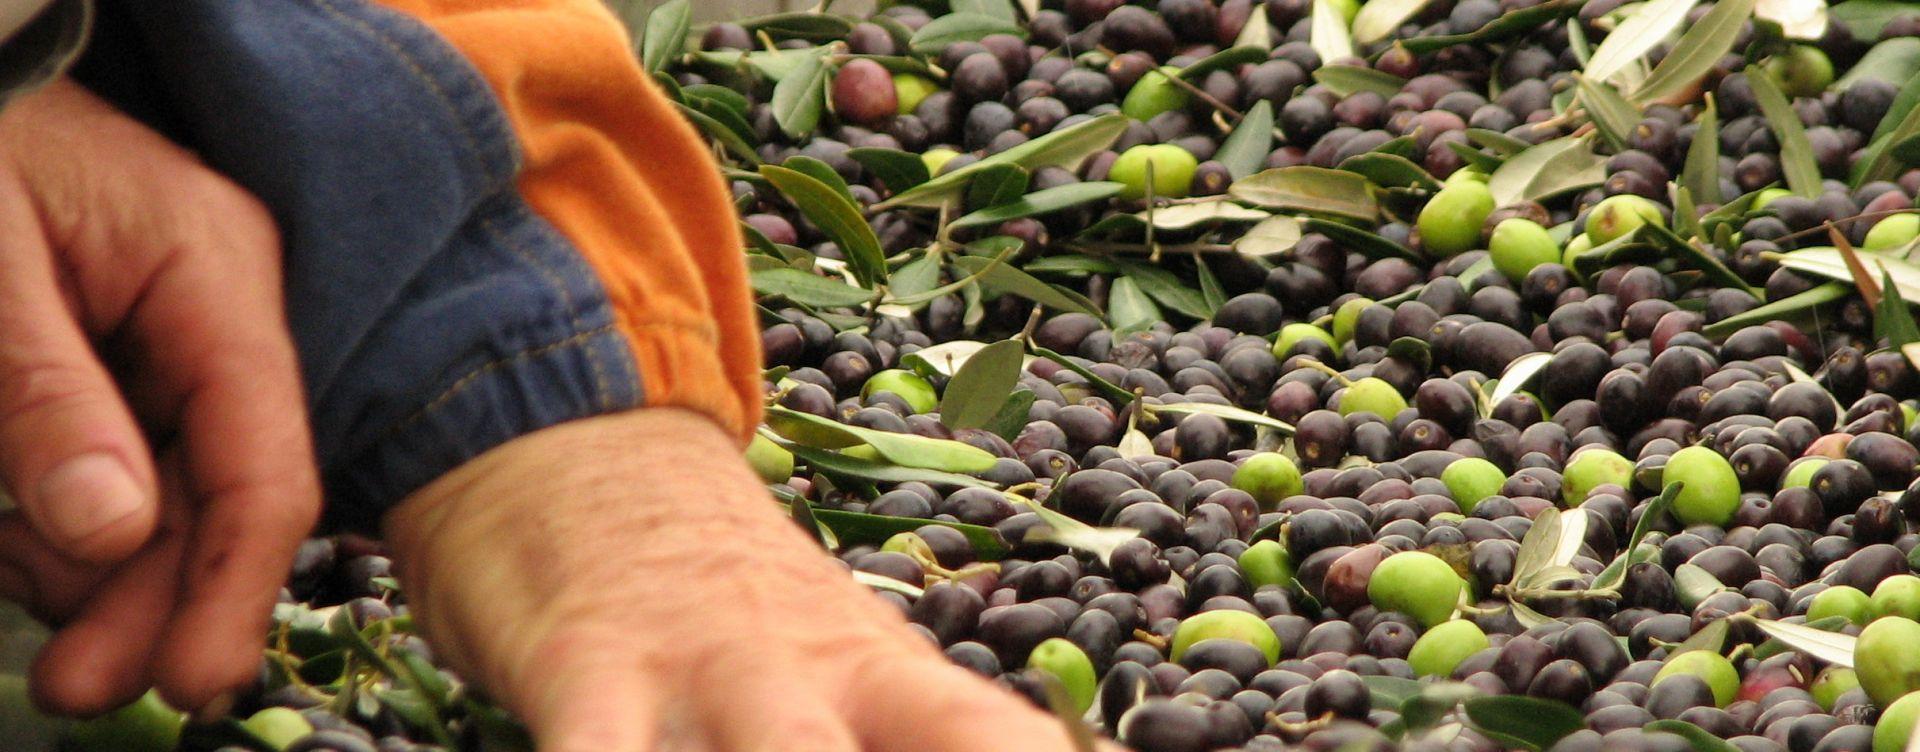 olive oil tasting goriska brda